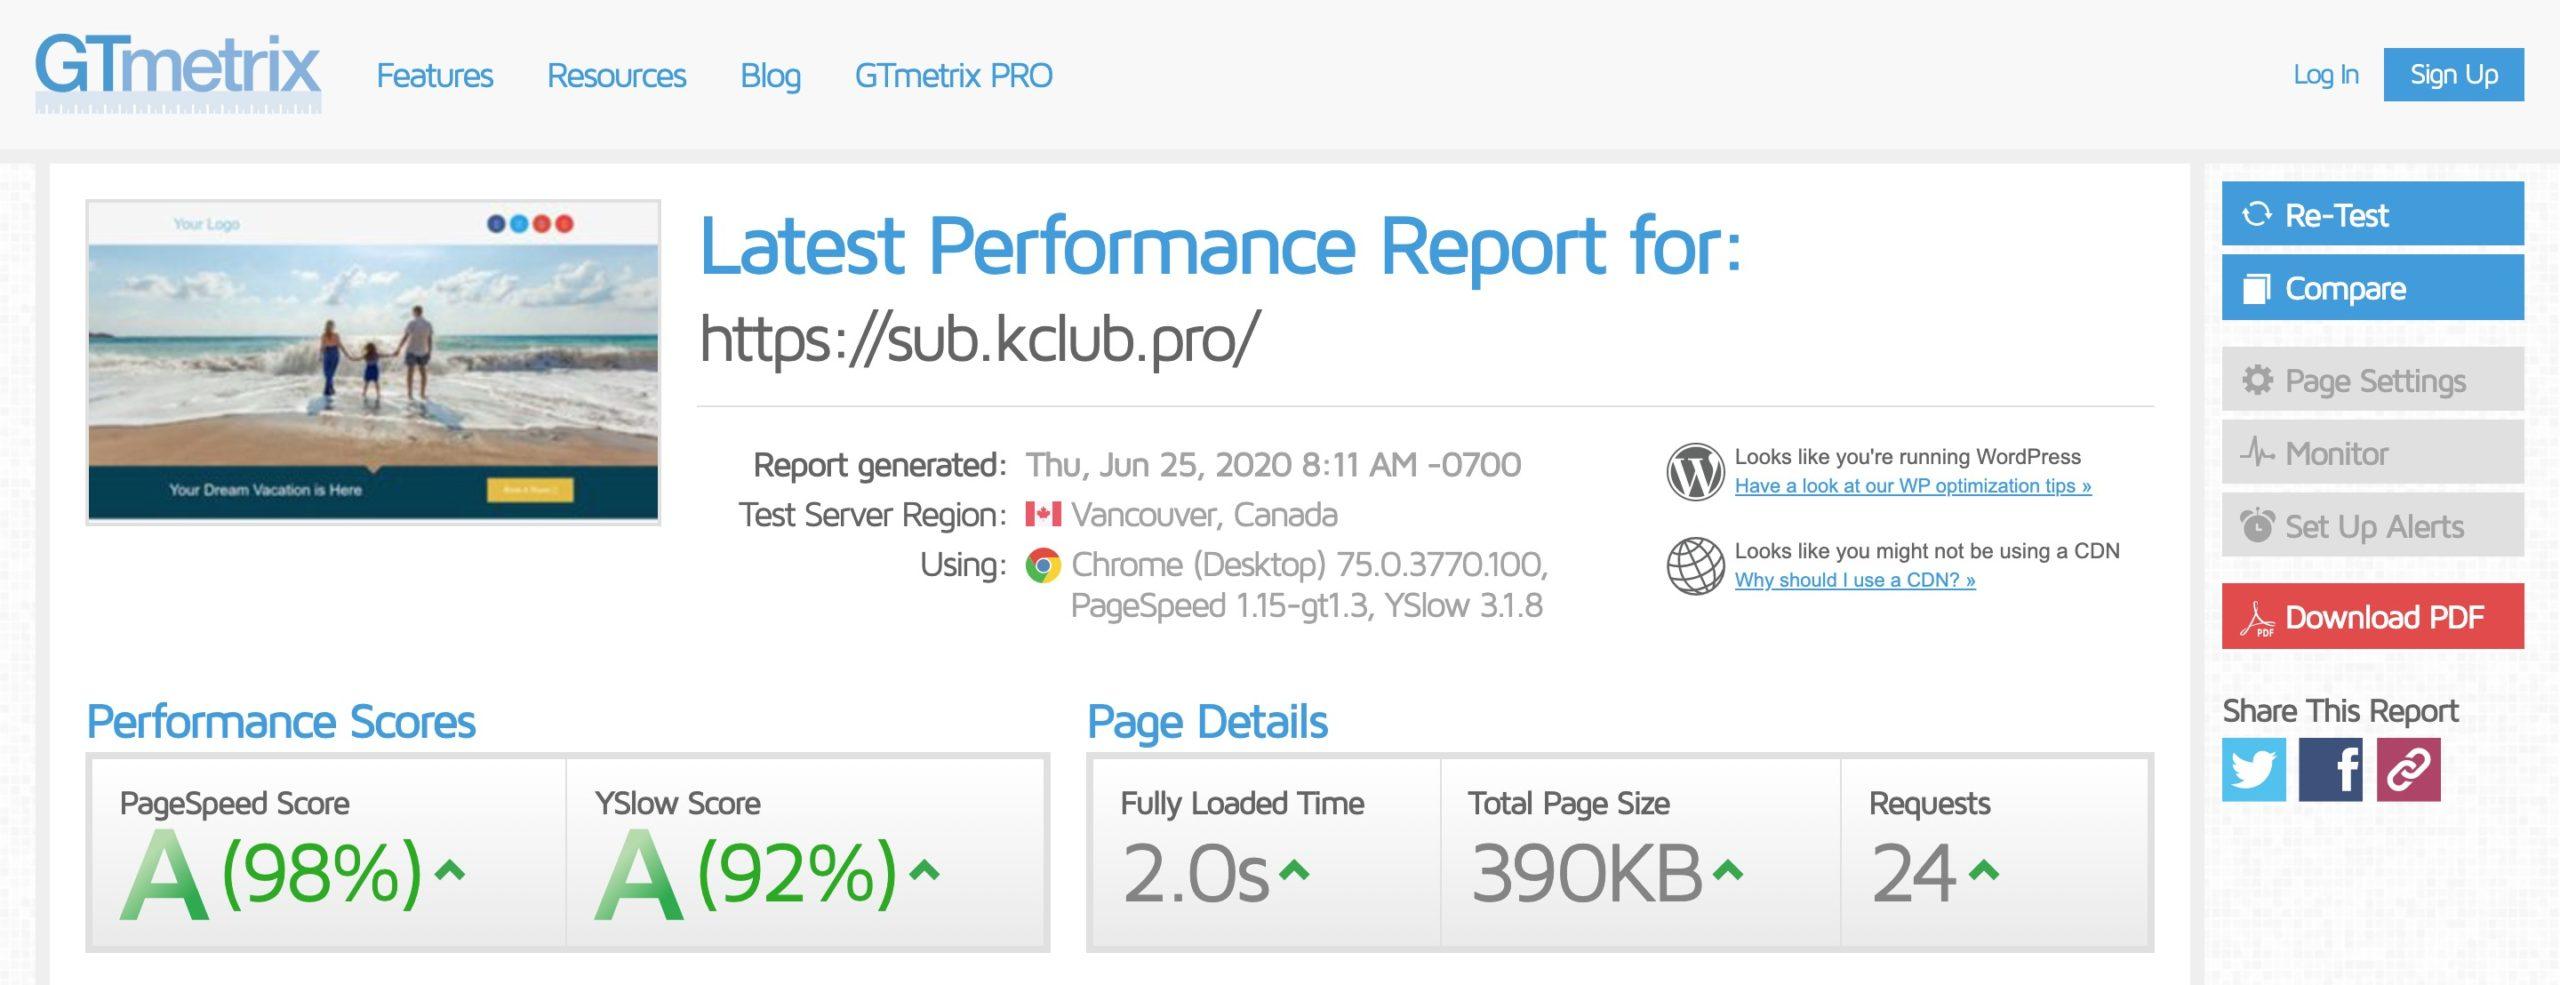 05 HTTPのリクエスをを減らすコードを追加した後のテスト scaled